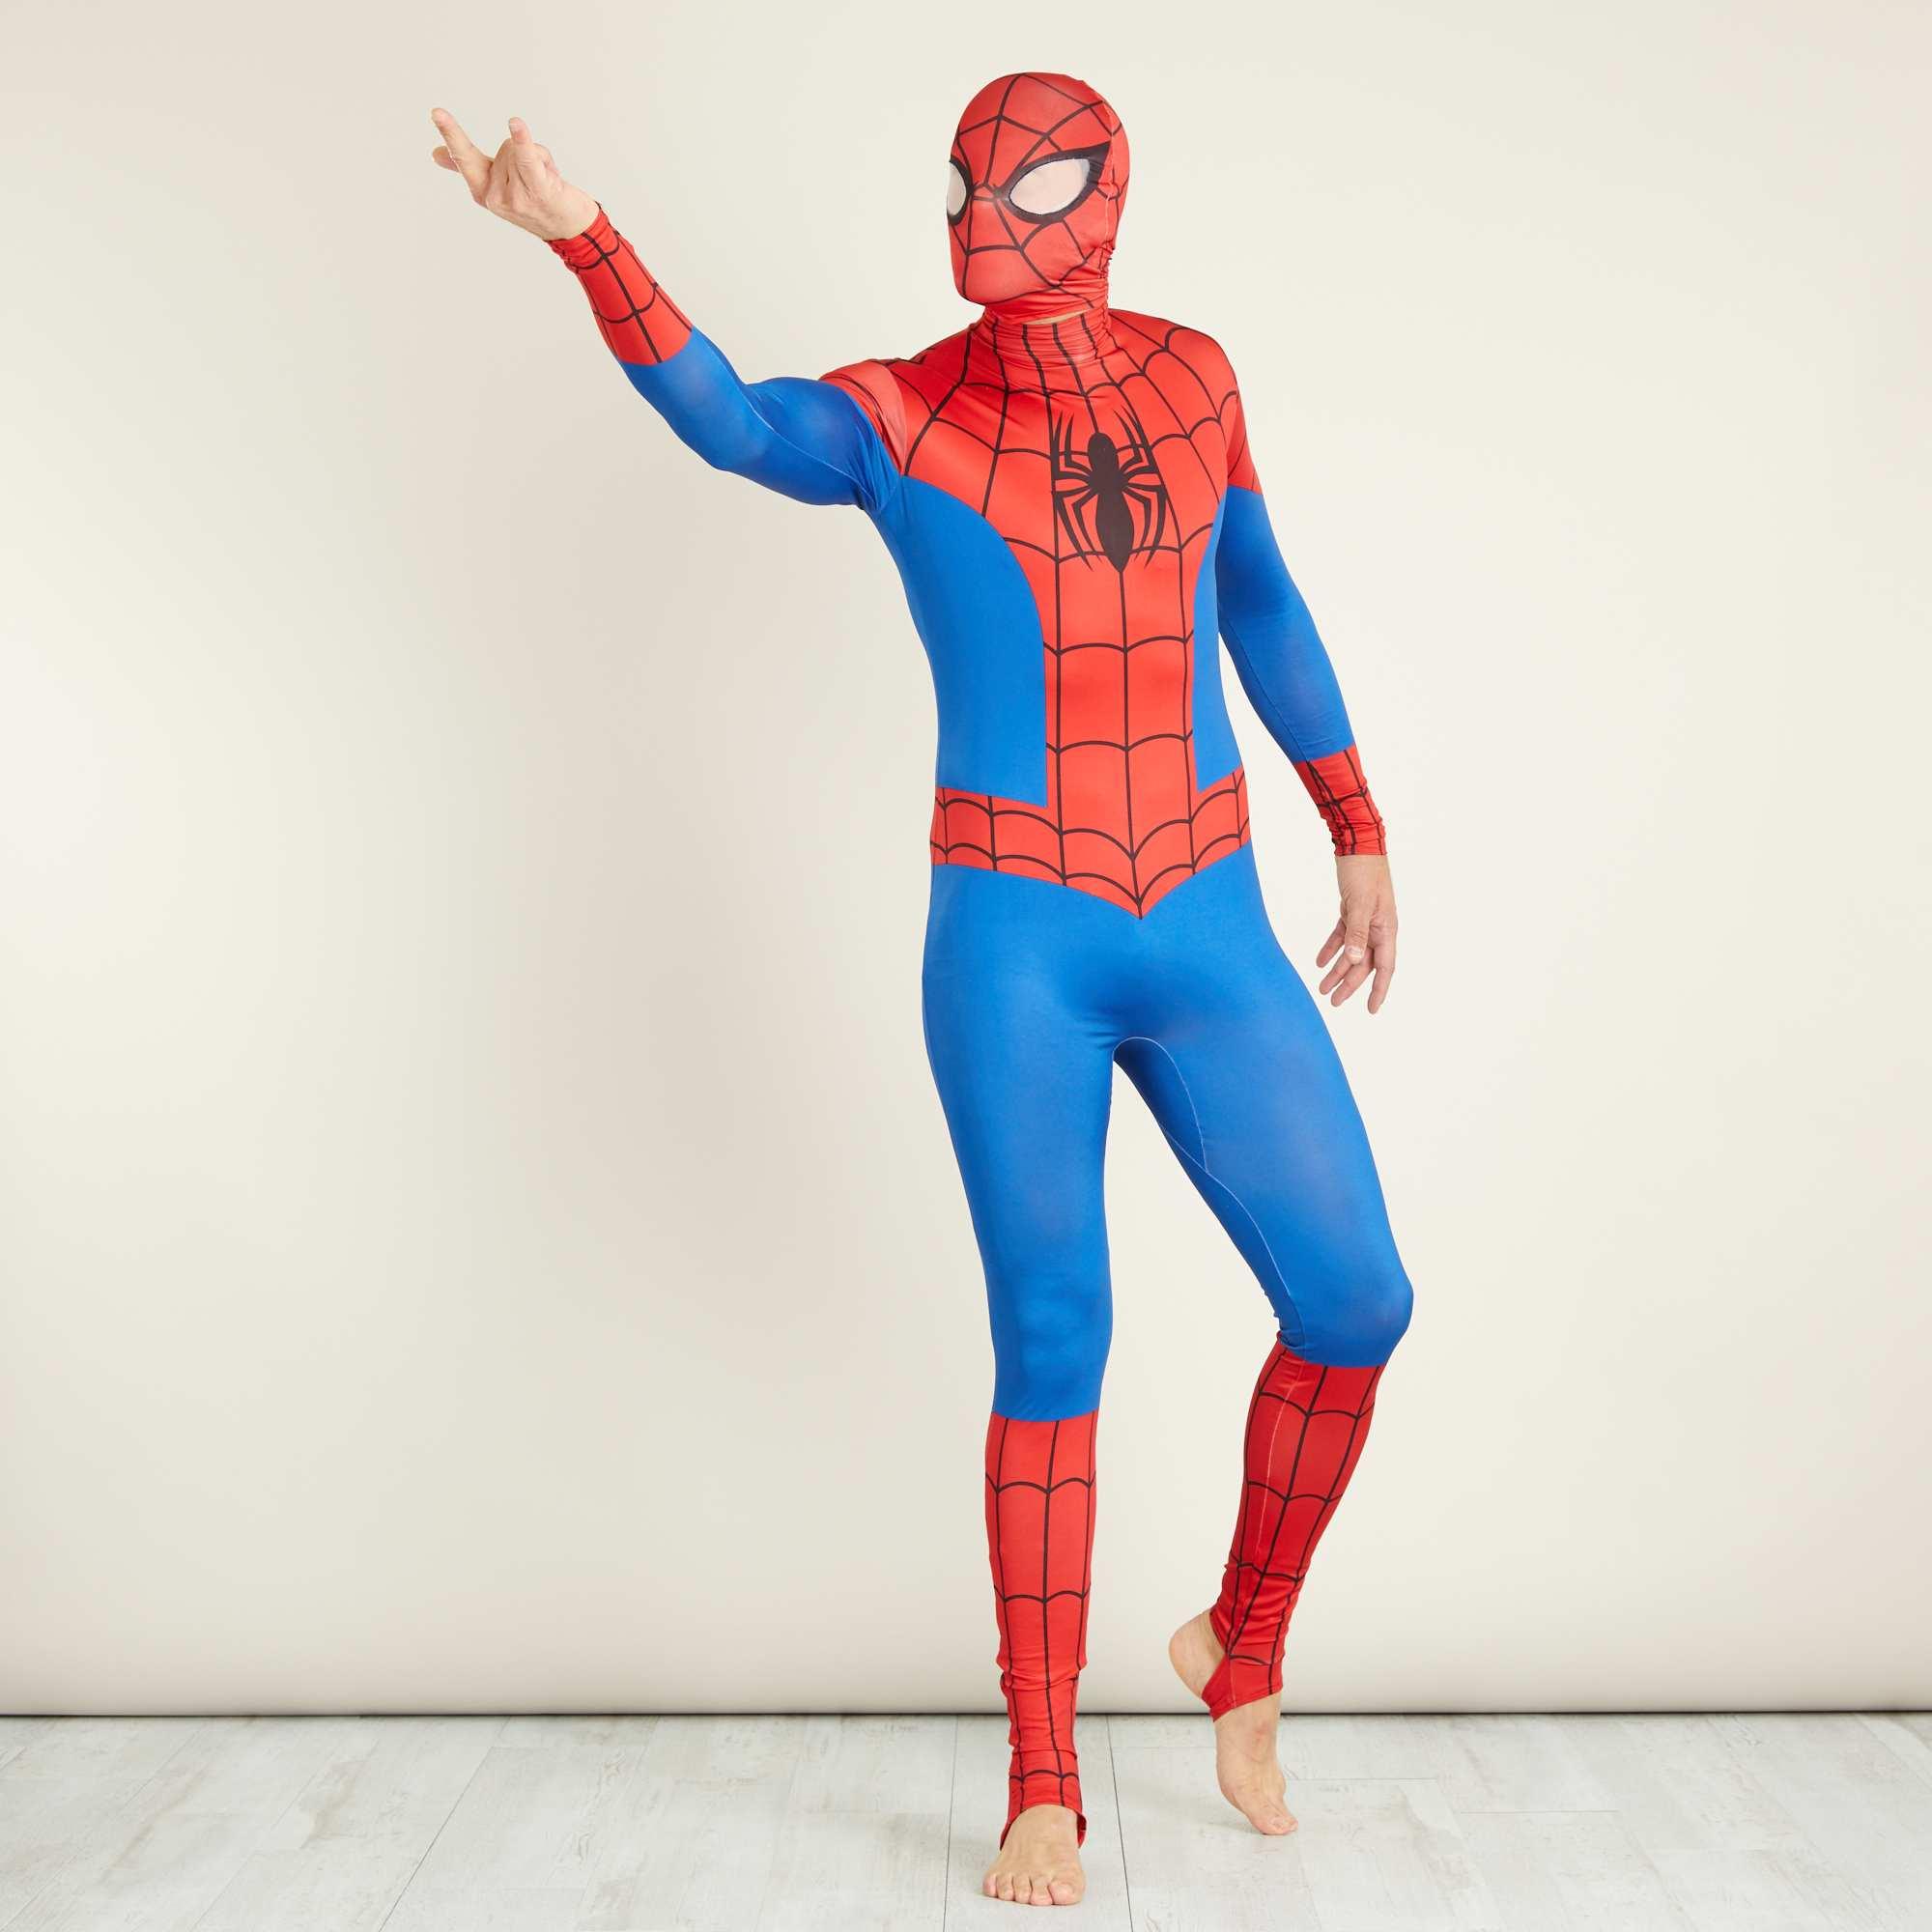 Déguisement  Spider-man  seconde peau avec cagoule Homme - bleu ... 390568692cd1